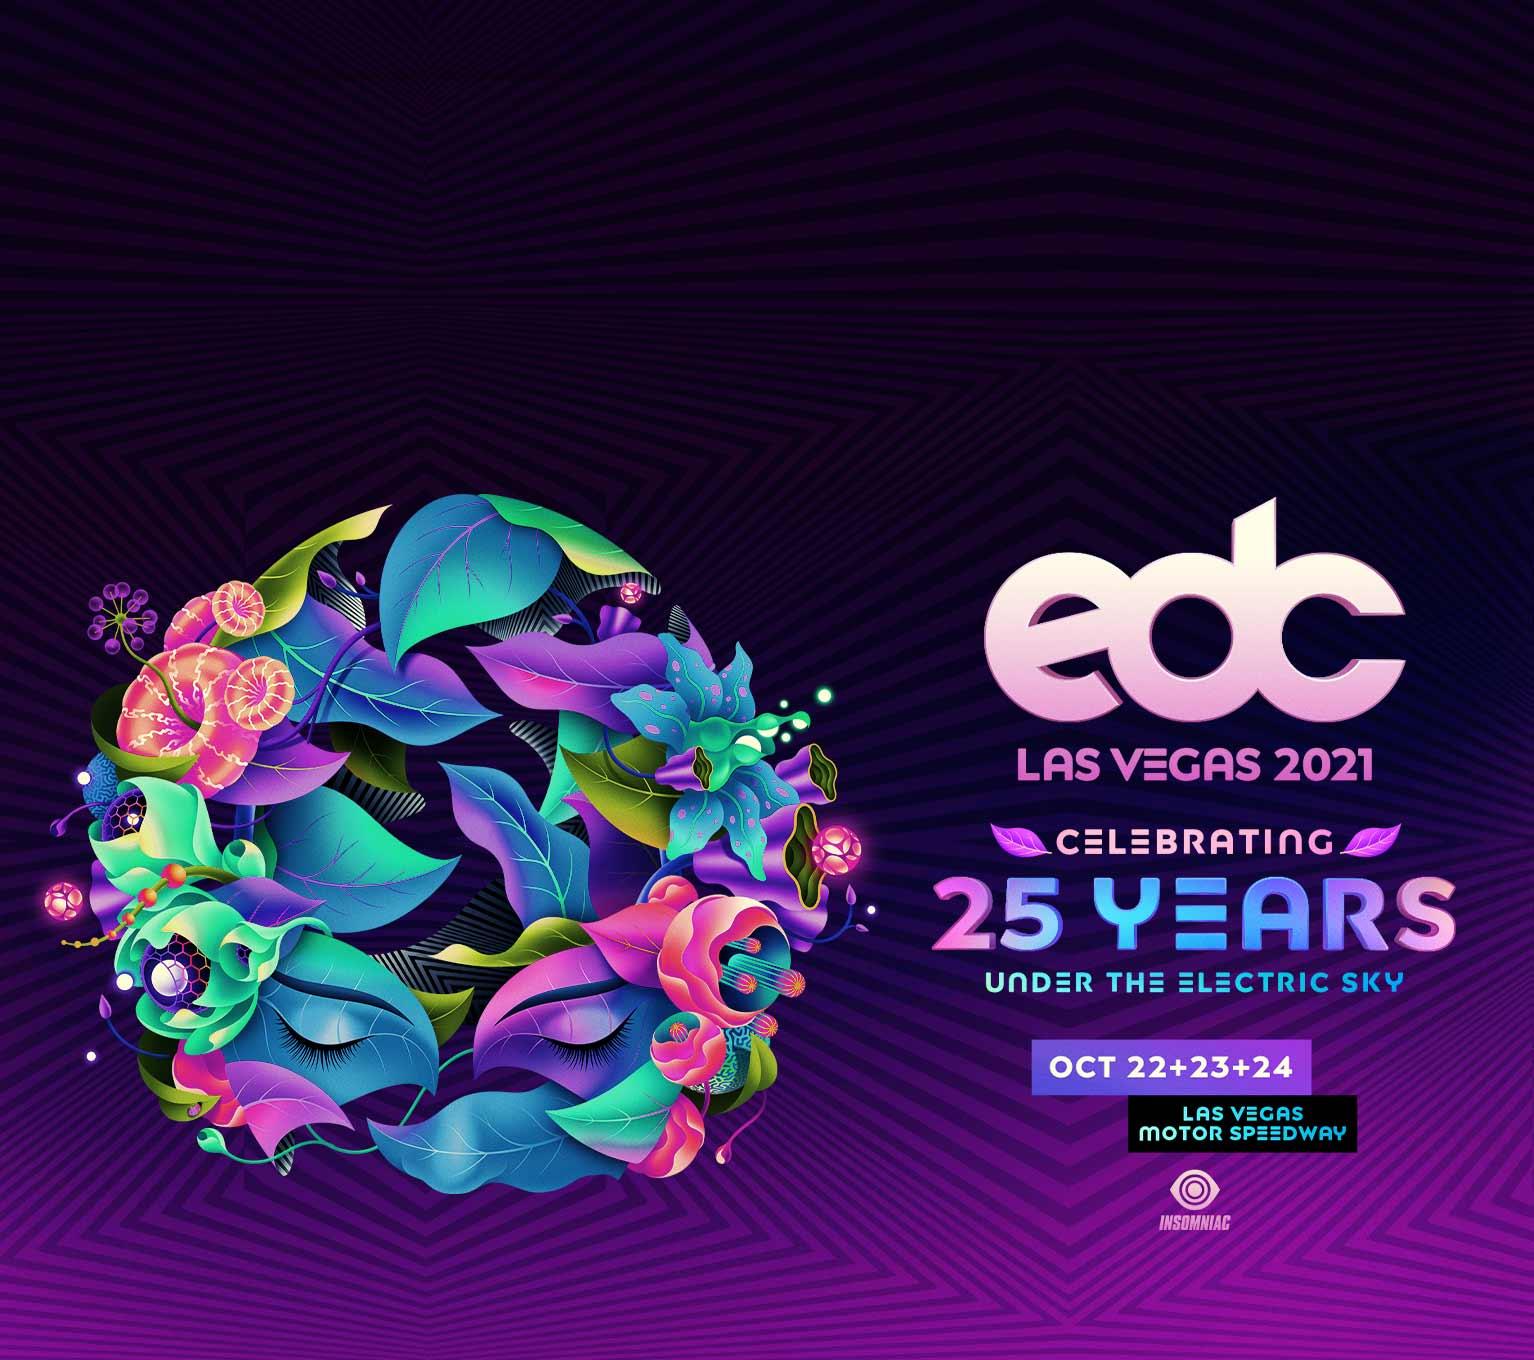 Edc Las Vegas October 22 24 2021 Las Vegas Motor Speedway